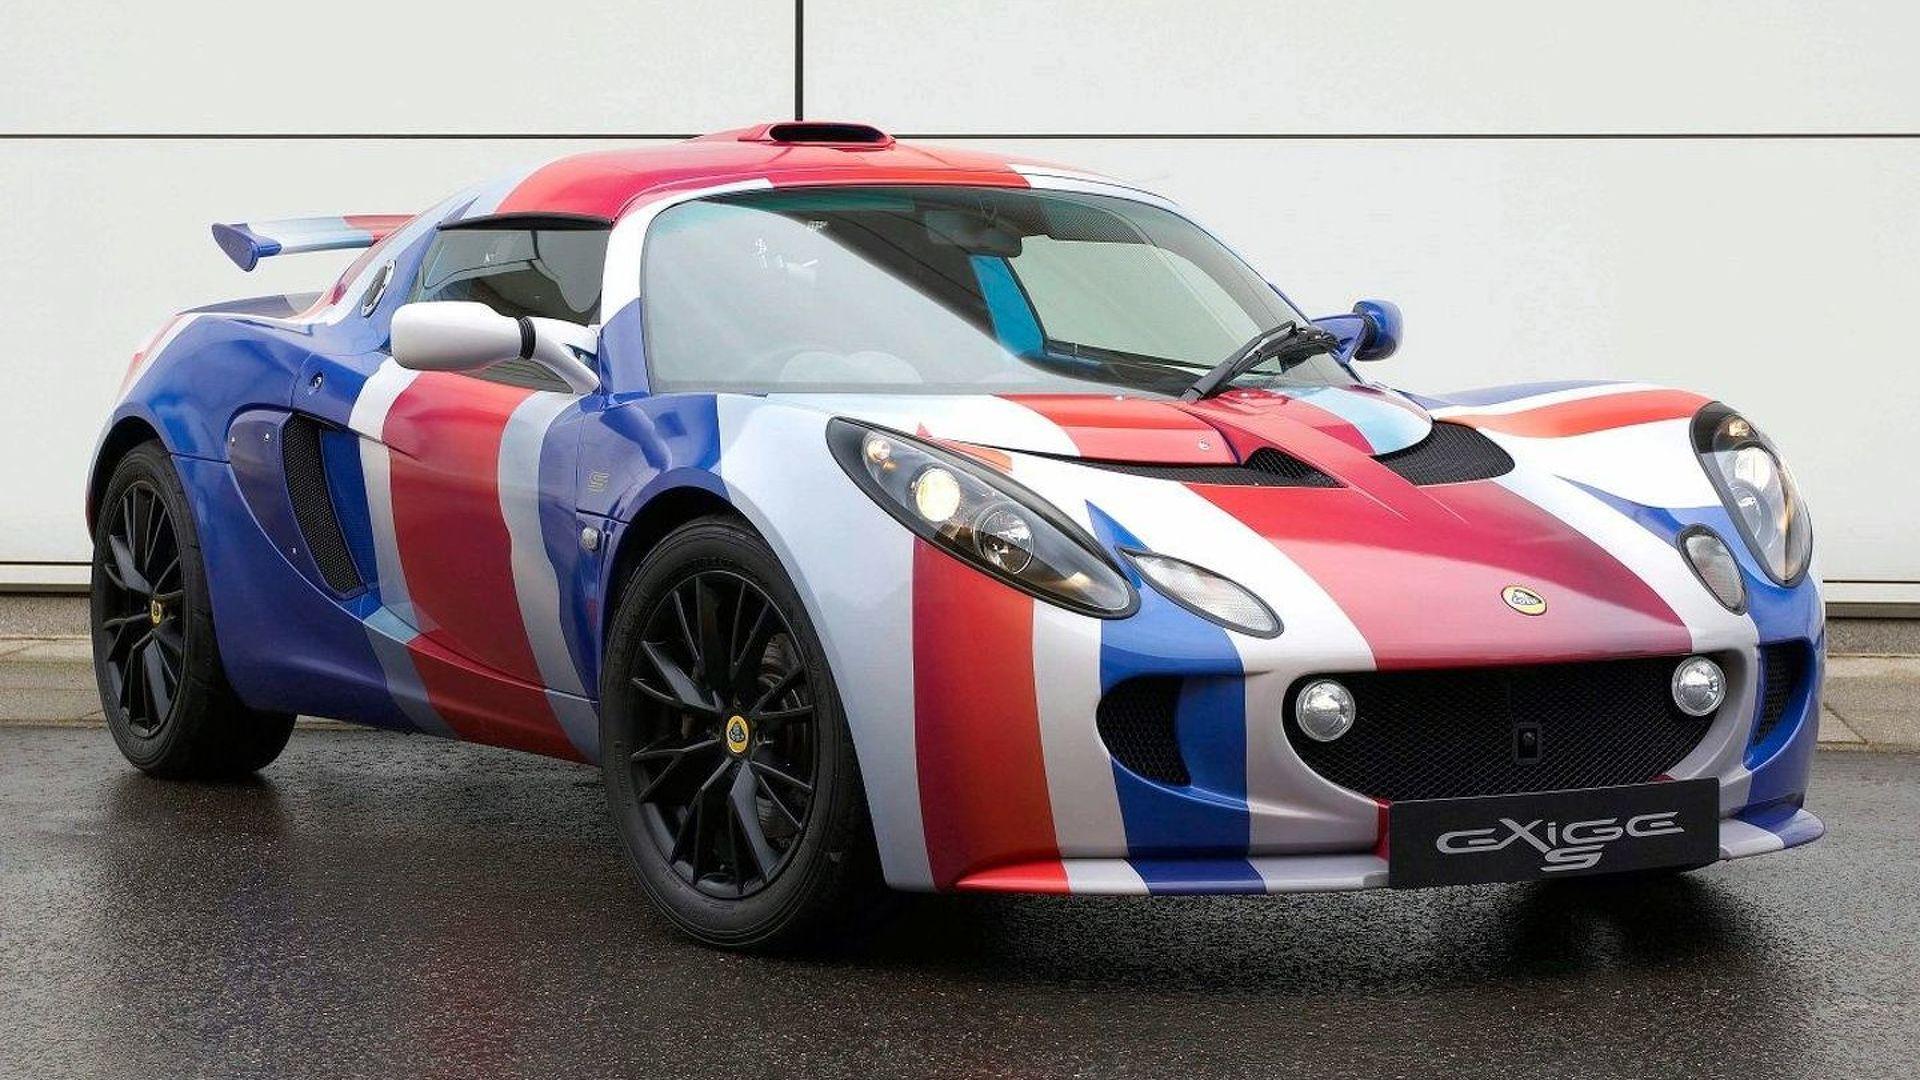 'Union Jack' Lotus Exige S